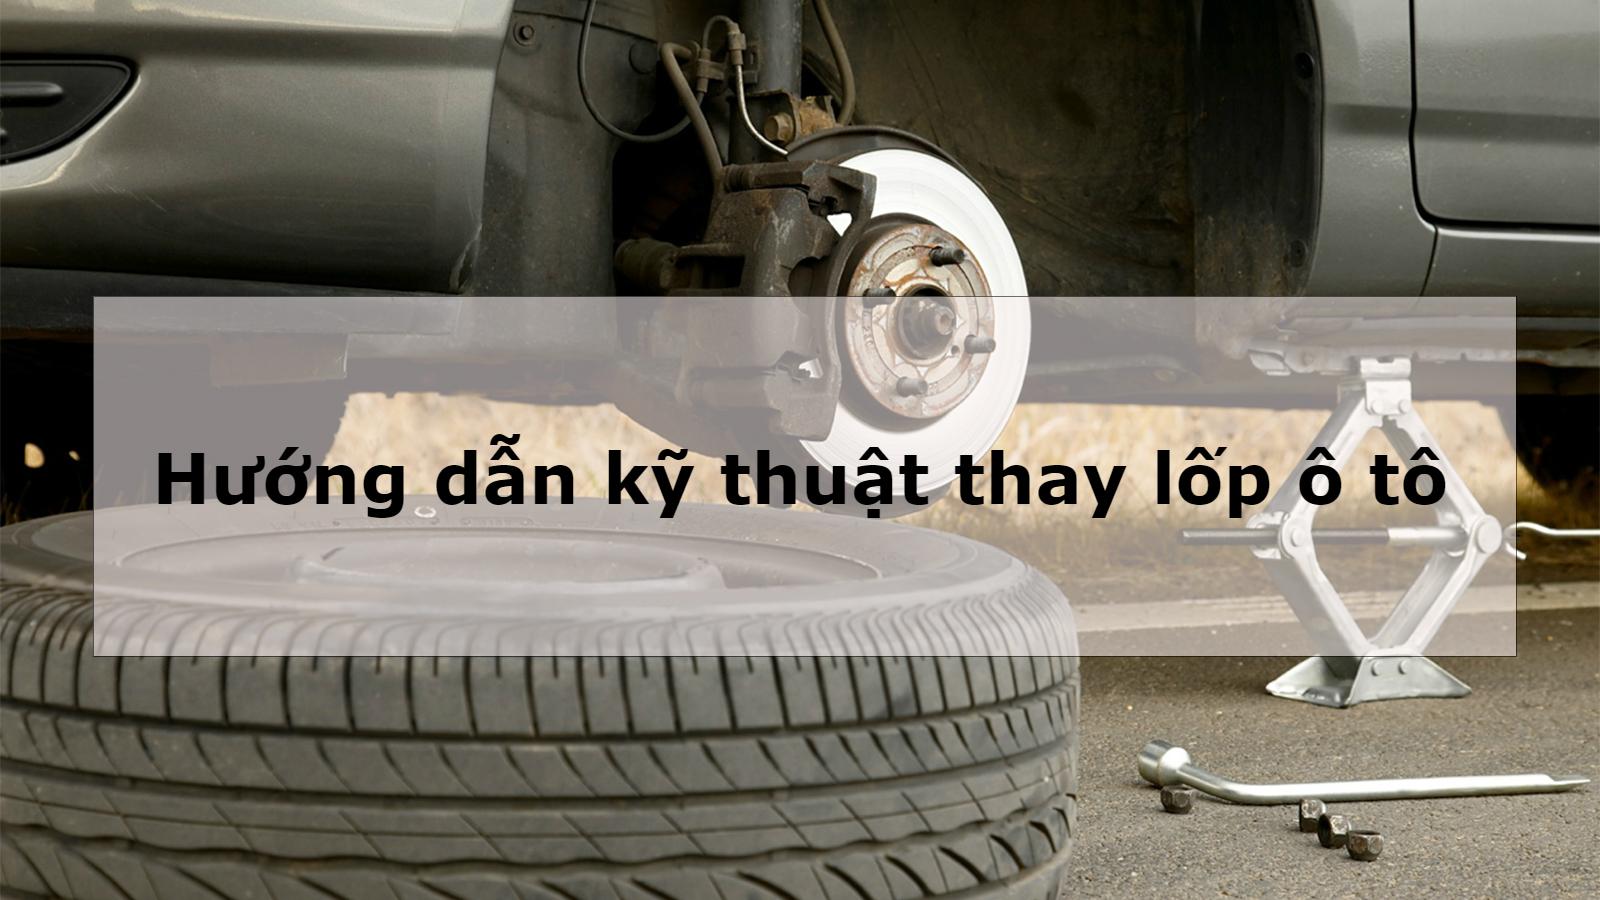 Đang đi nổ lốp, hướng dẫn kỹ thuật thay lốp ô tô nhanh gọn nhất